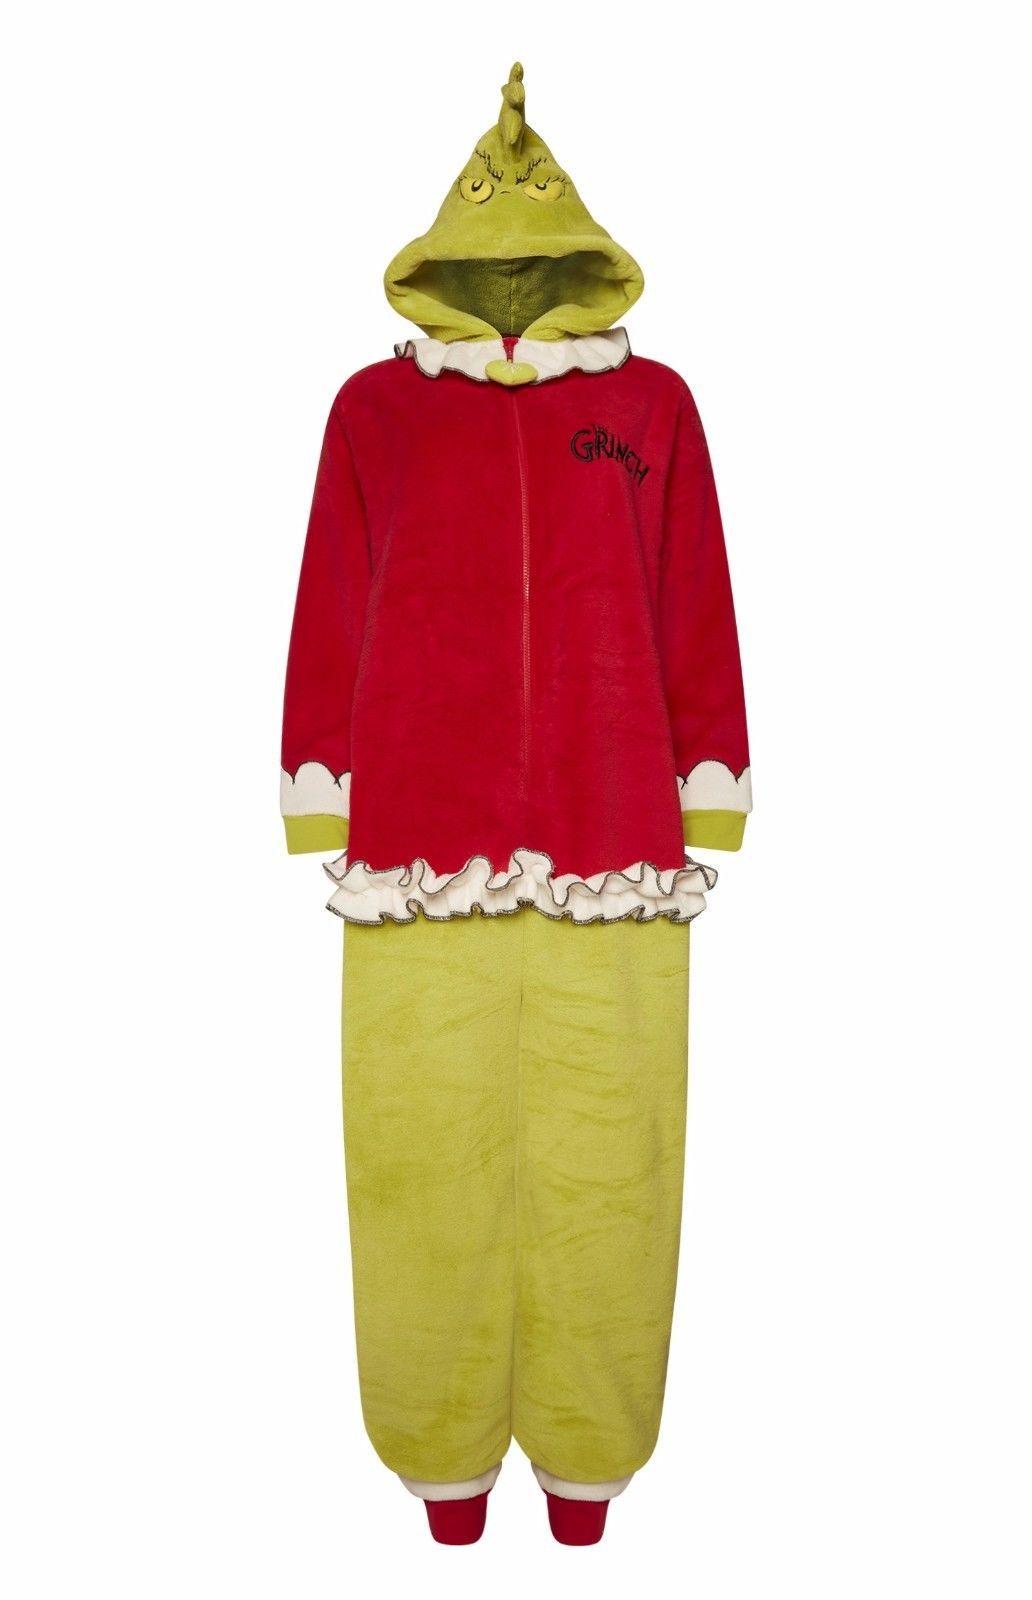 dc0dc6d23d9e The Grinch Christmas onesie